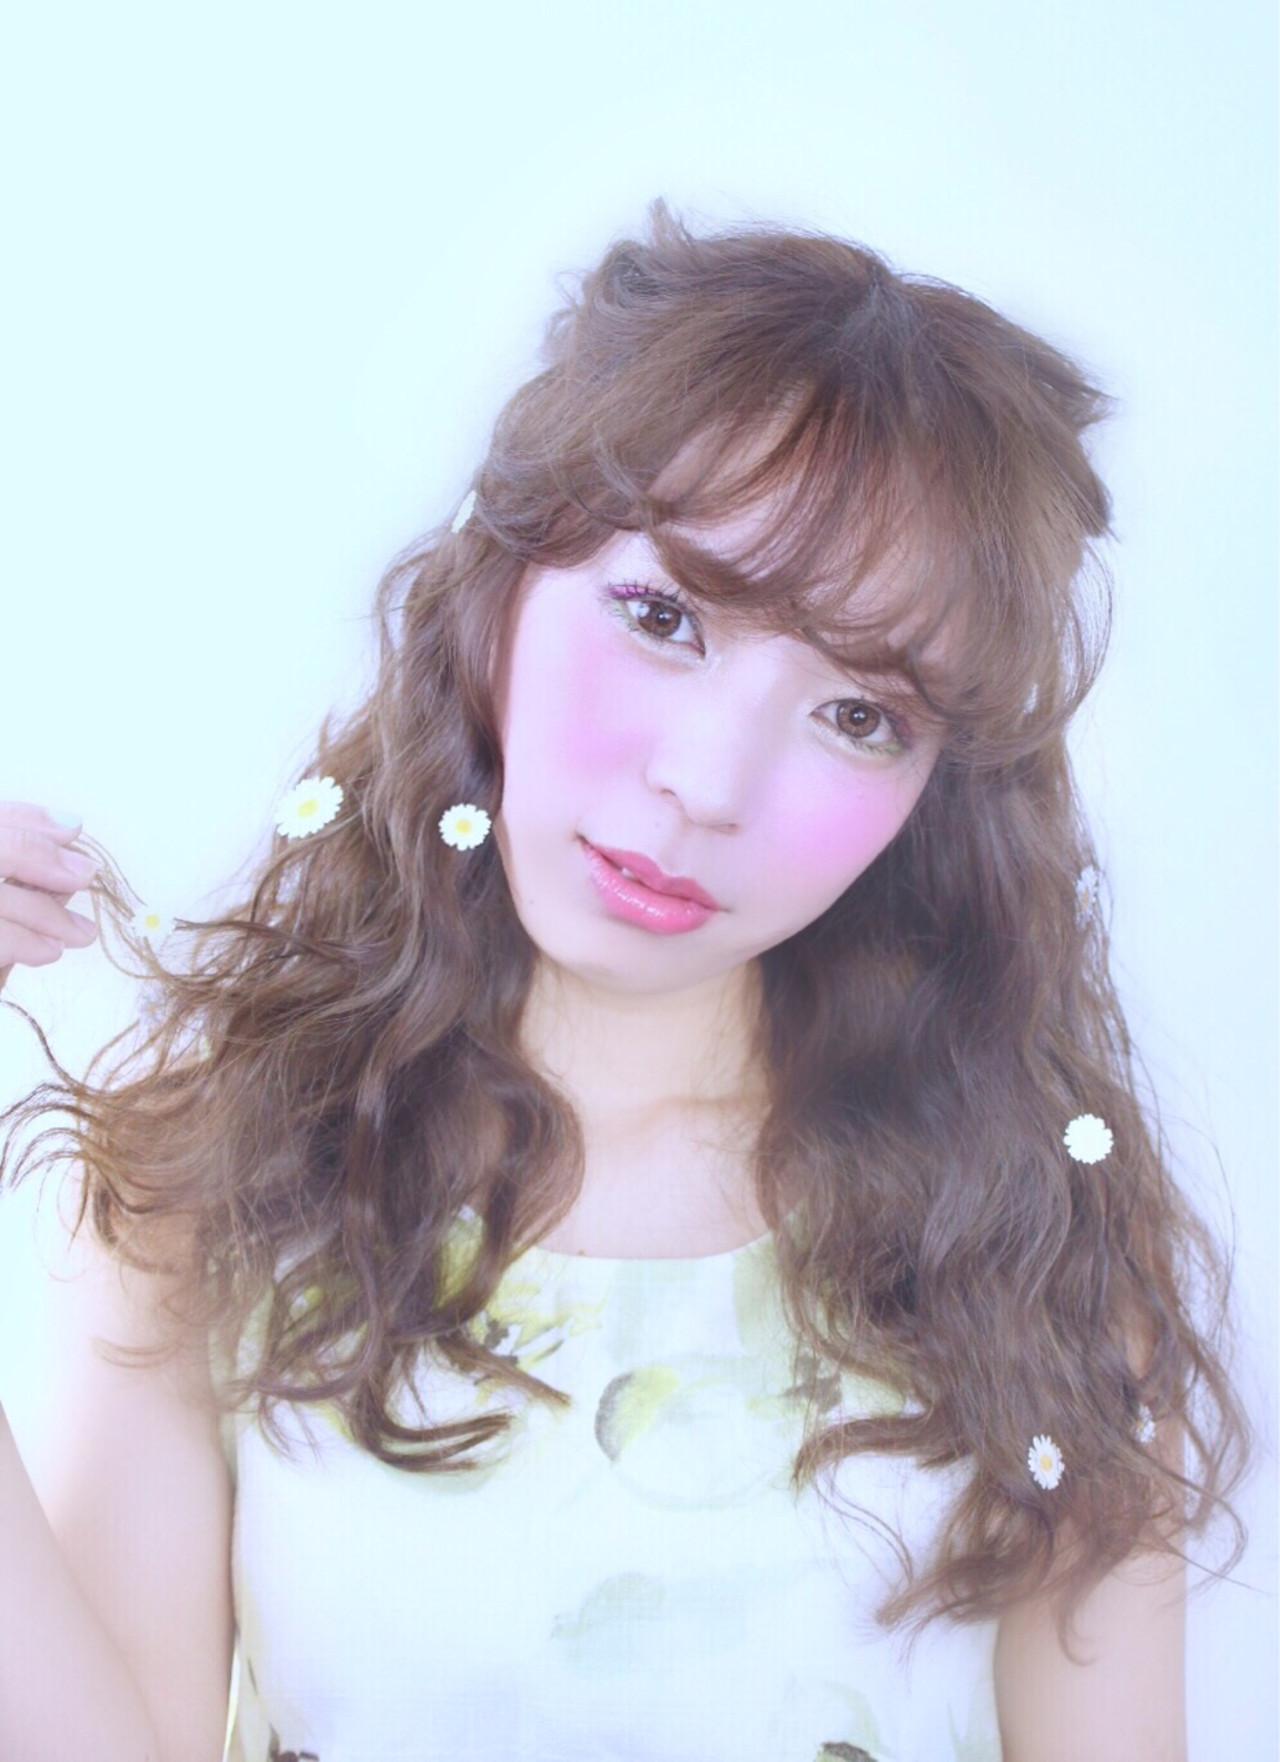 韓国で流行りの「복숭아メイク(桃メイク)」、日本にも上陸か・・・!?♡ IKUMI / Bridal Salon Felice